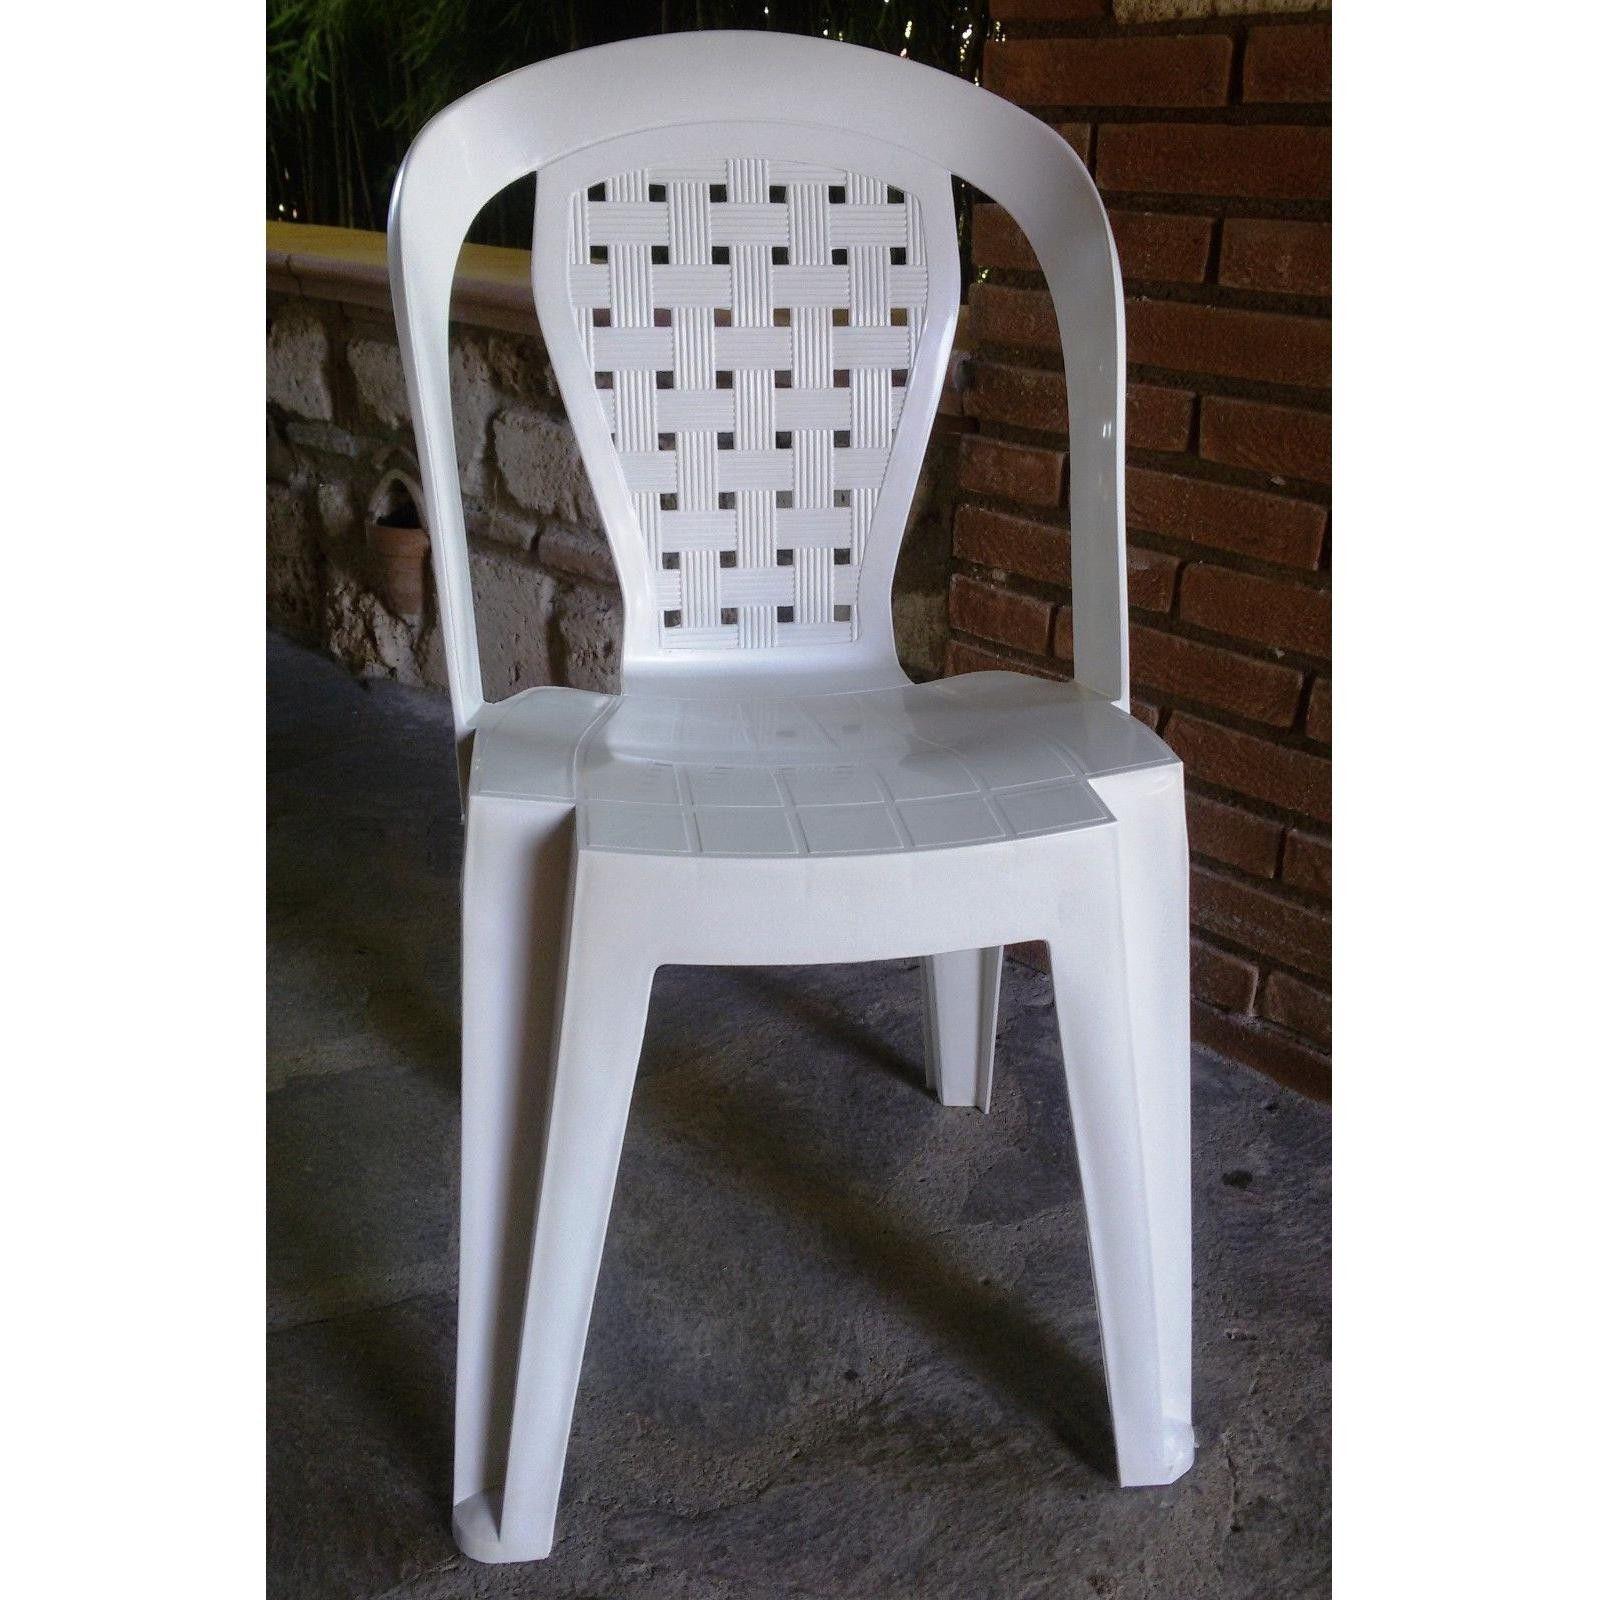 Sedia in plastica giardino senza braccioli colore bianca - Sedie da giardino in plastica ...